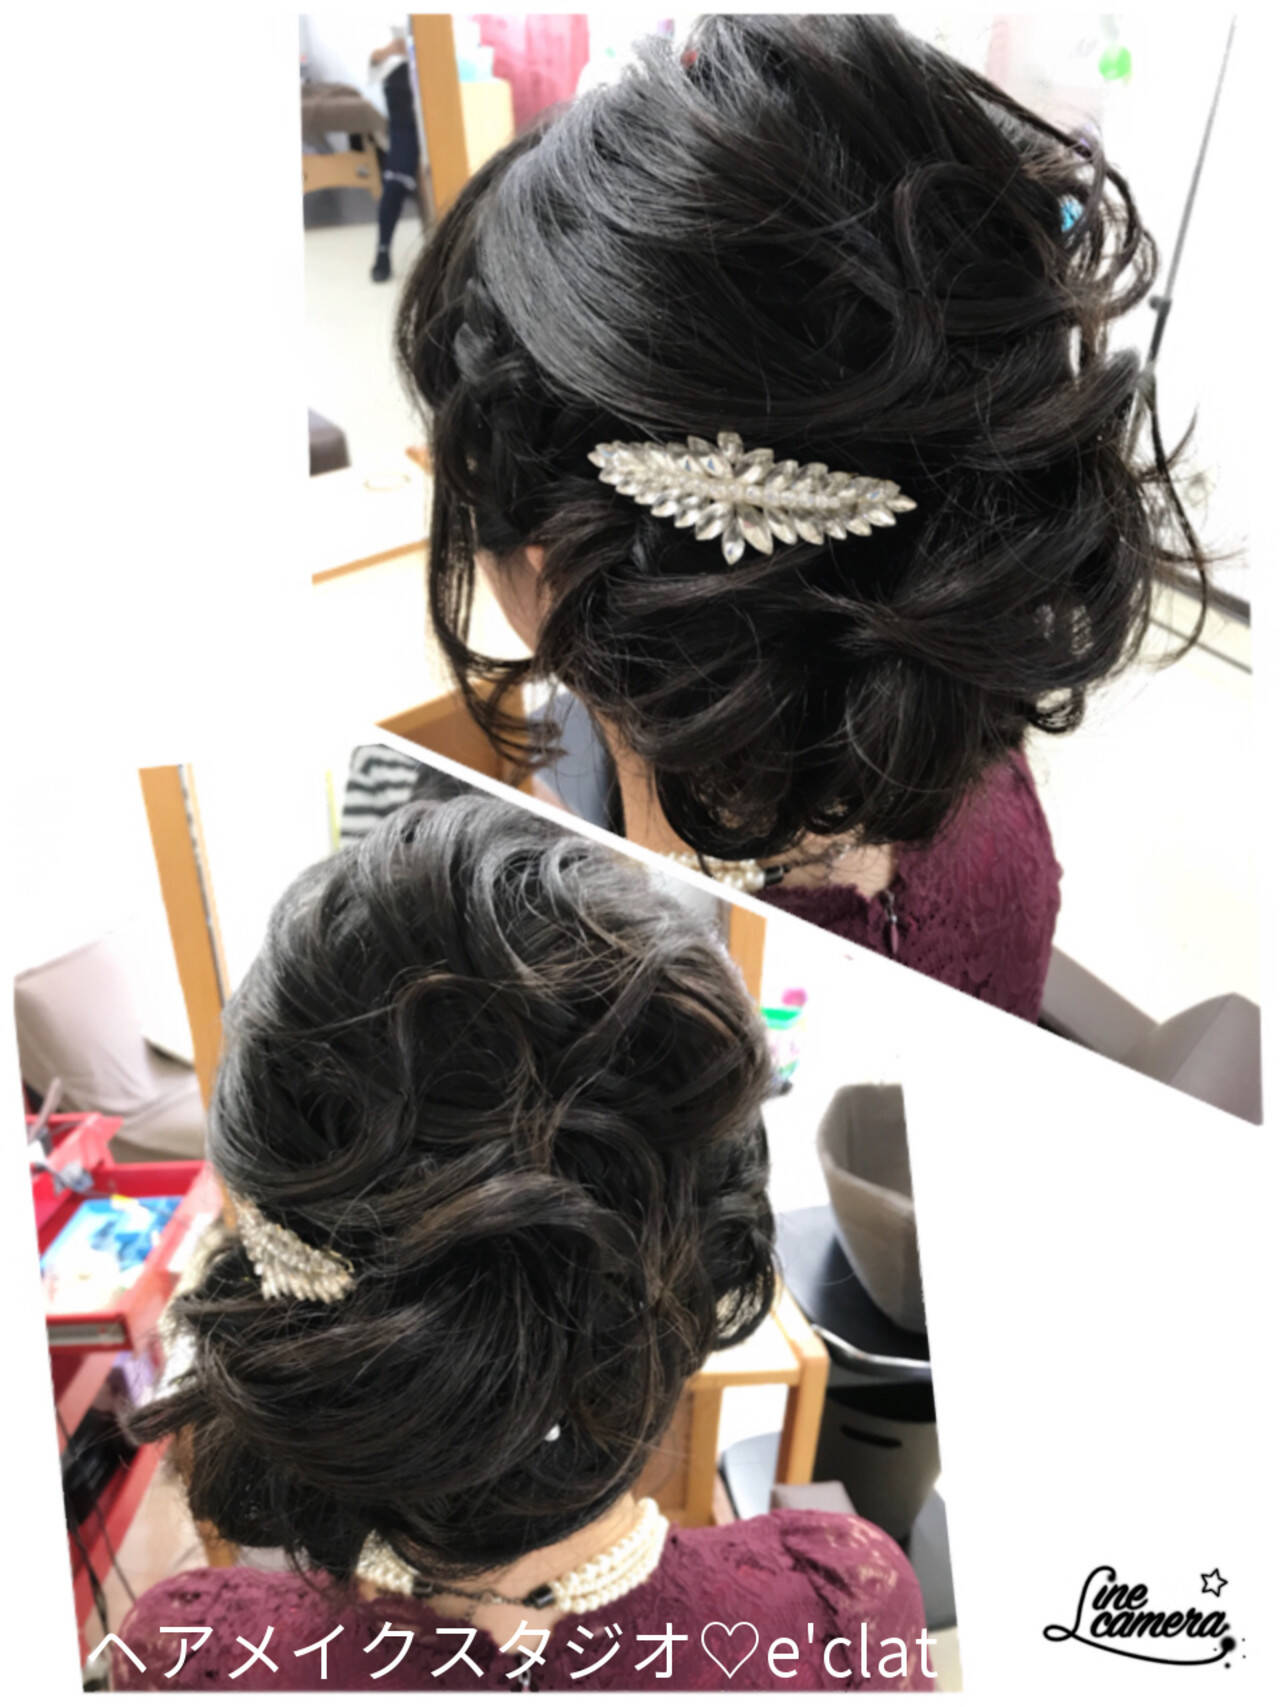 ヘアアレンジ 大人女子 ロング アップスタイルヘアスタイルや髪型の写真・画像